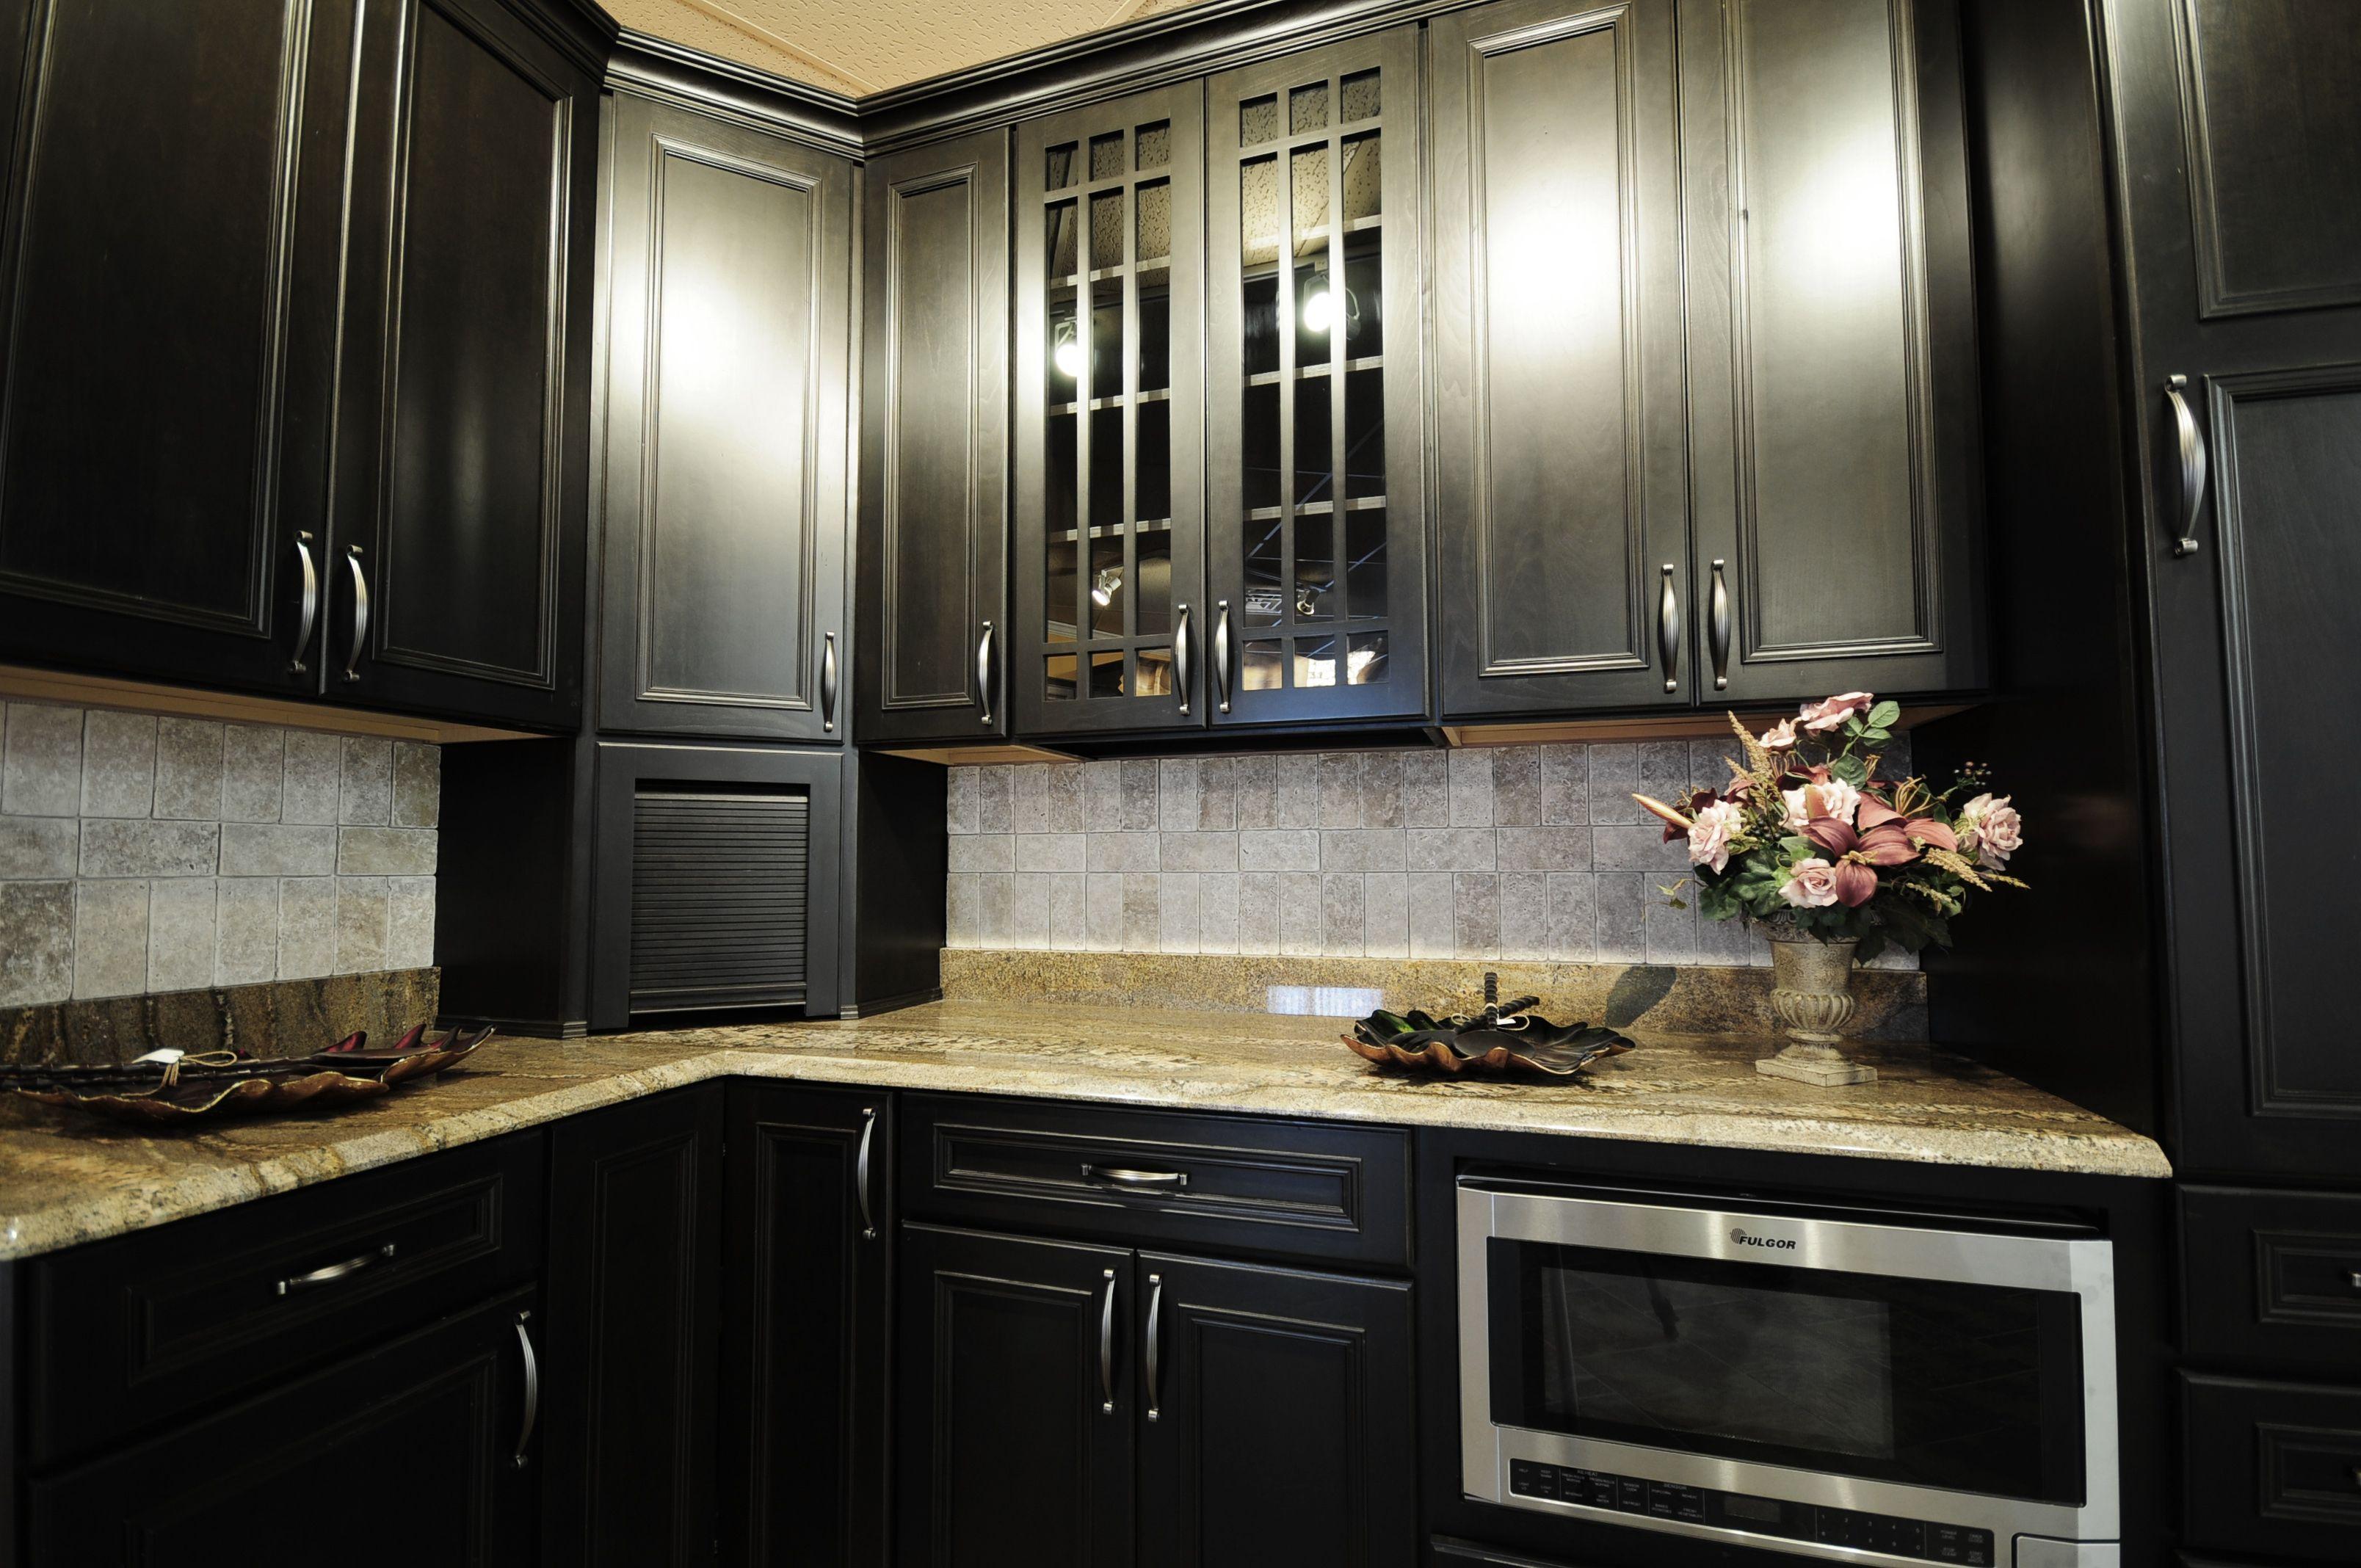 kitchen cabinets san diego. Dark Kitchen Custom Cabinets San Diego  Cabinet of Portfolio